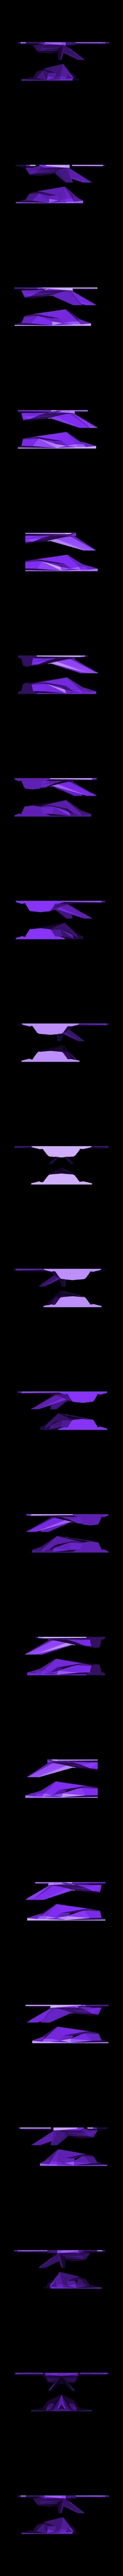 F117_Sliced_.stl Download free STL file  F117 Nighthawk • 3D print model, Multifarium